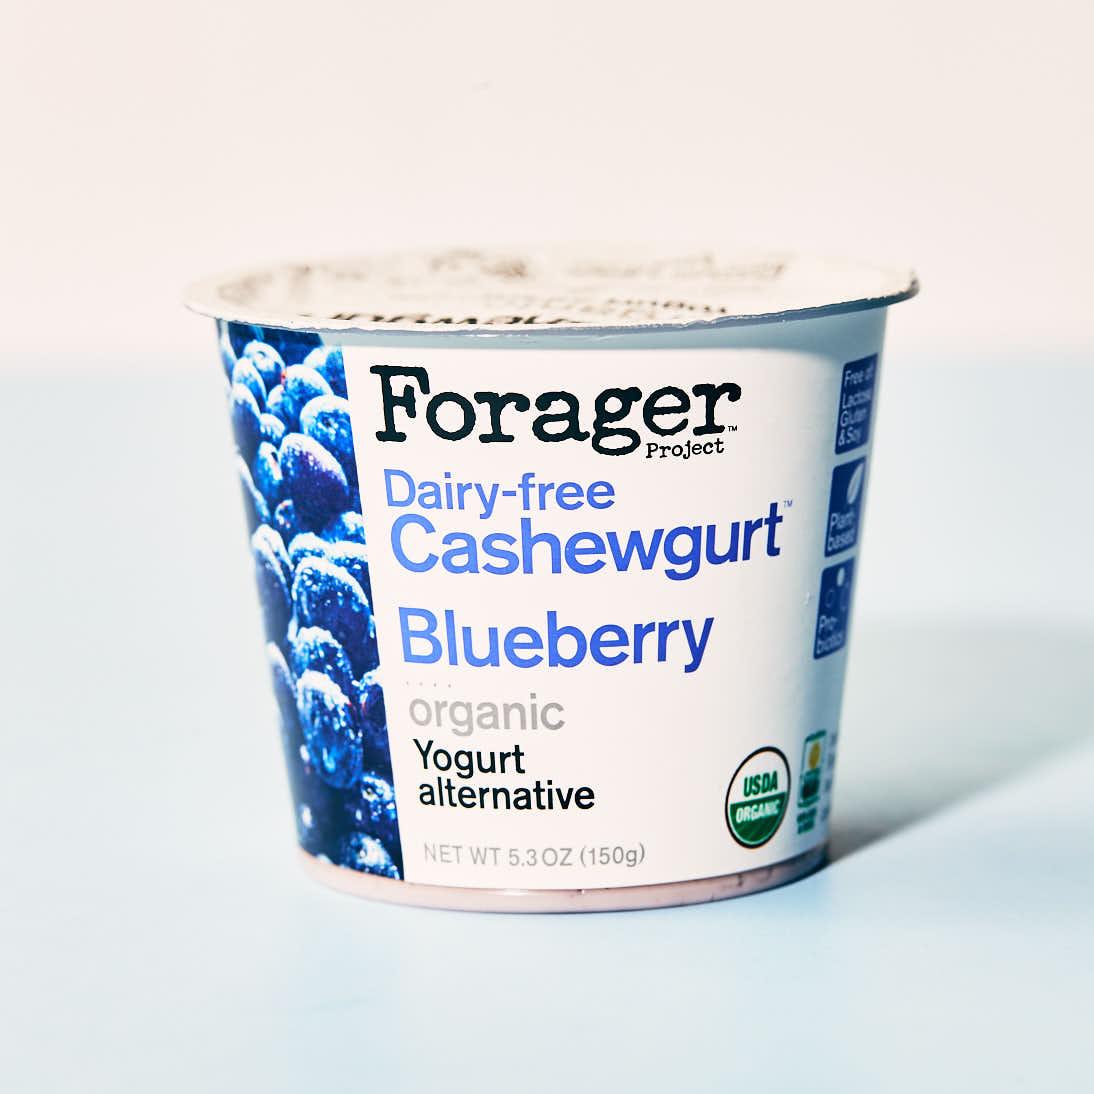 Forager Cashewgurt - Blueberry.jpg